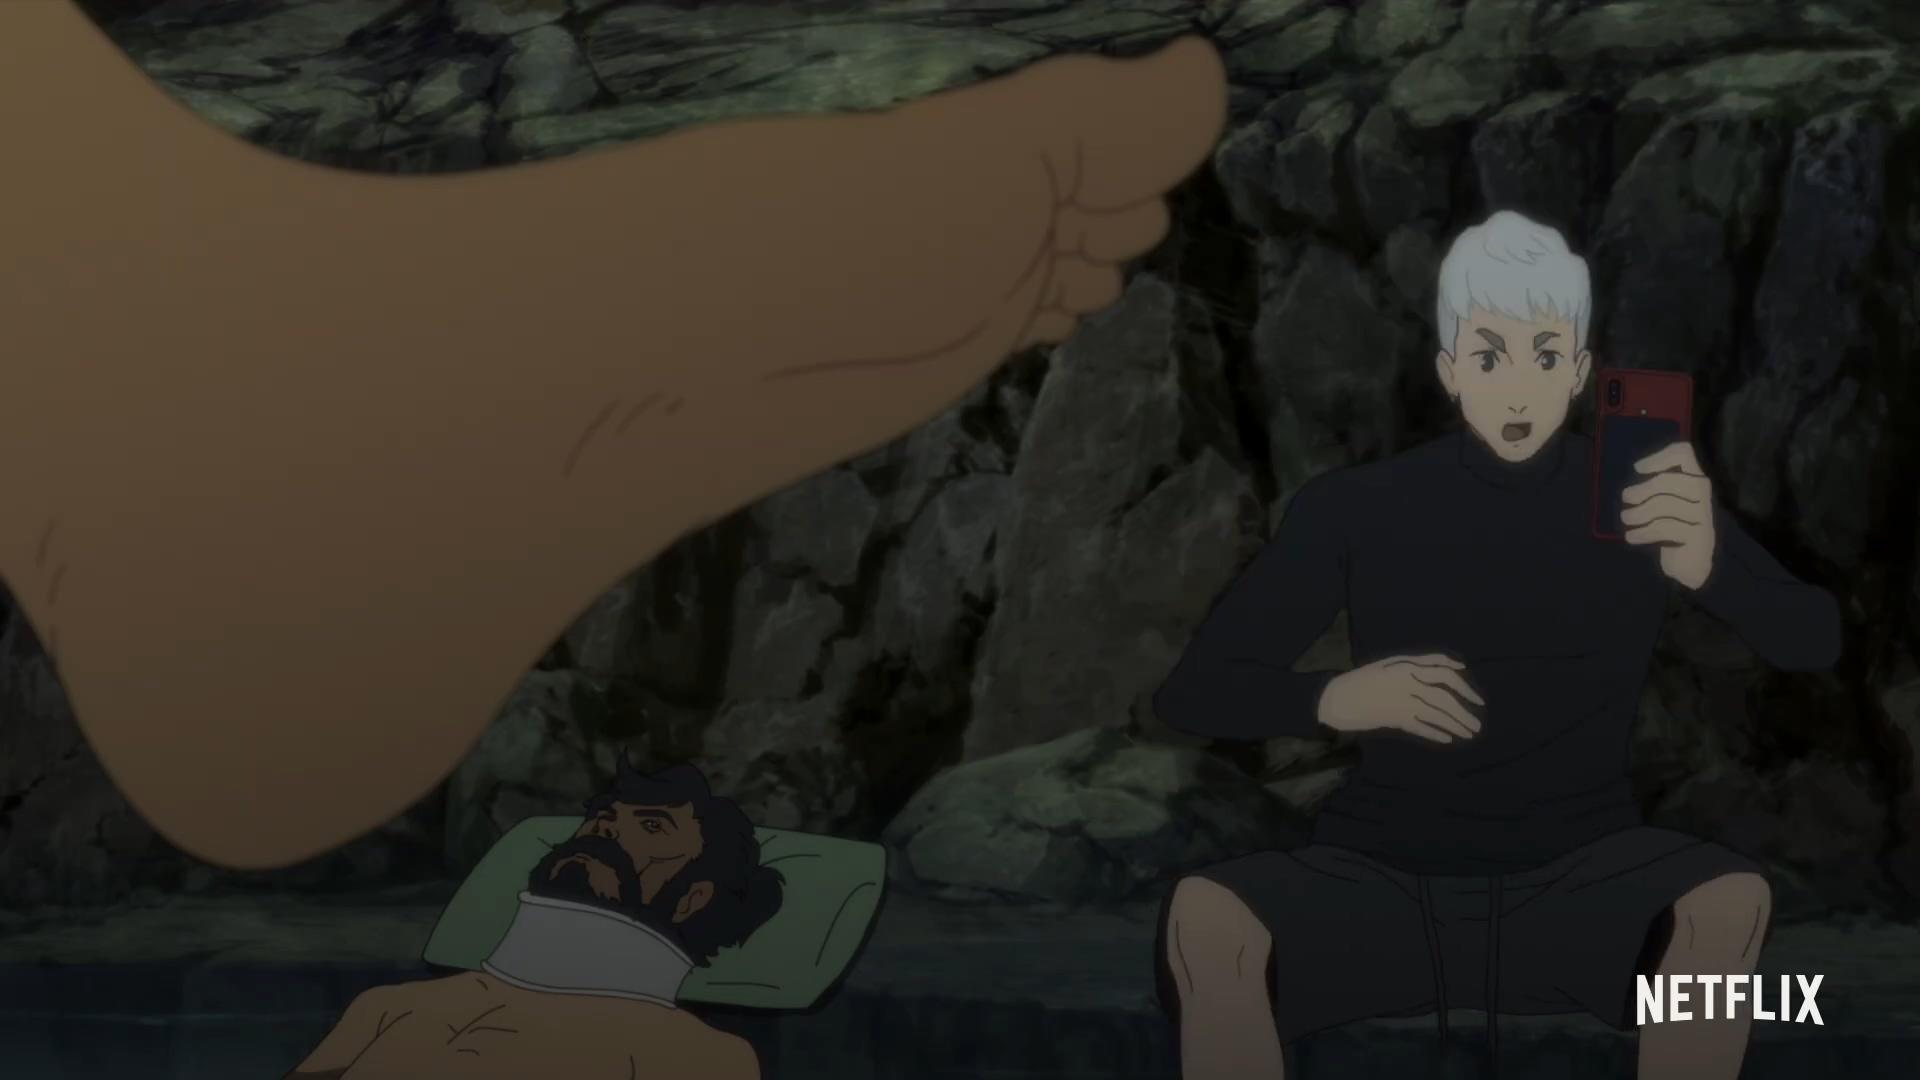 动画剧《日本沉没》新预告 逆境中用RAP发出呐喊